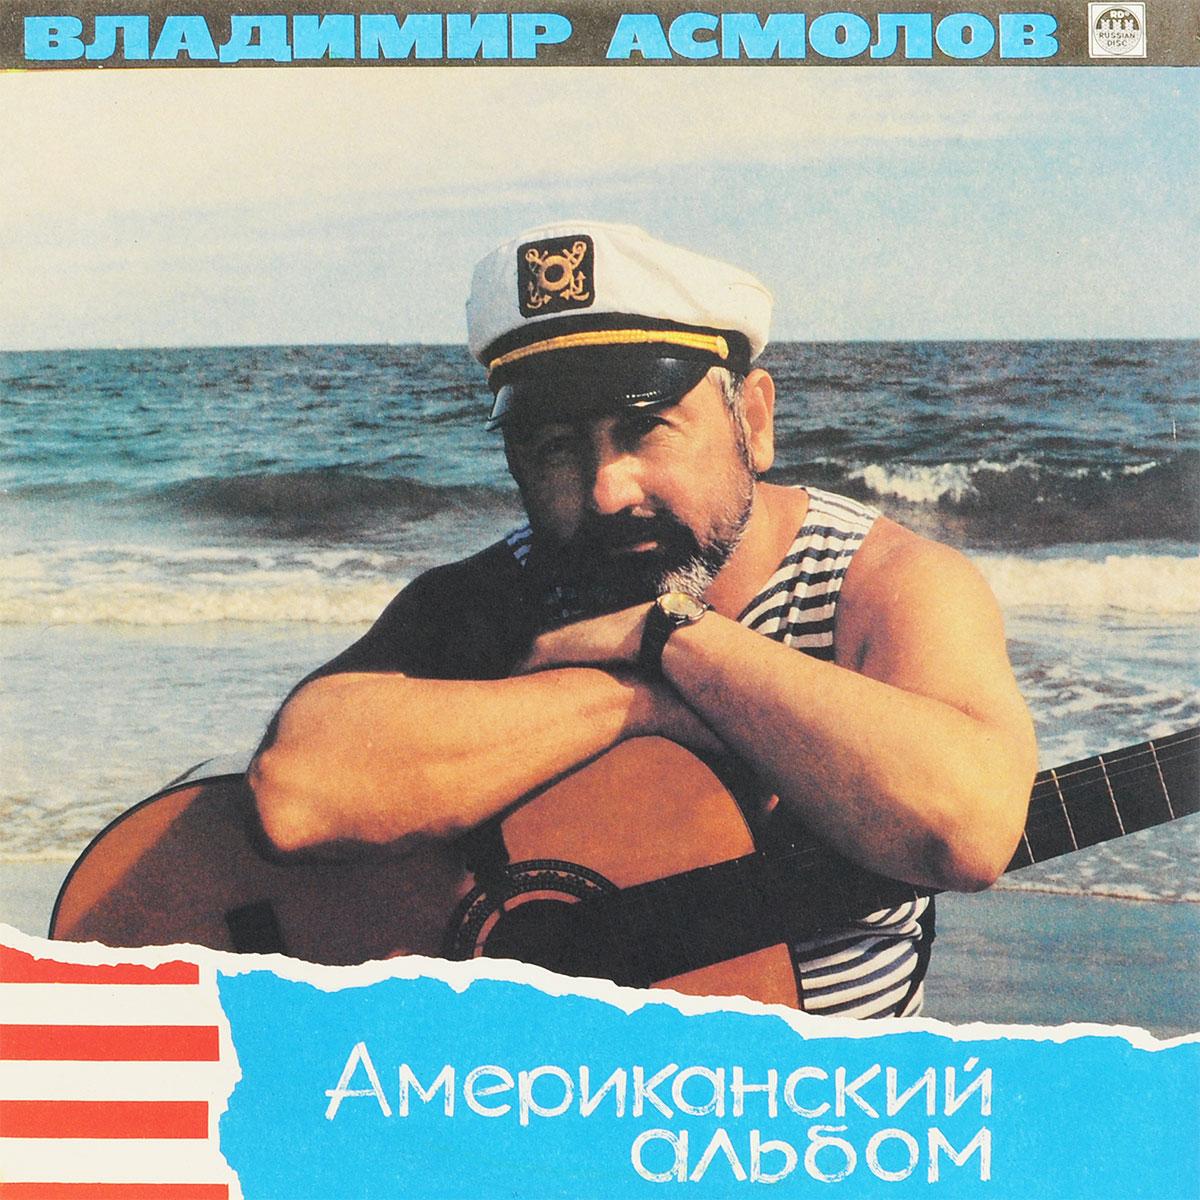 Владимир Асмолов Владимир Асмолов. Американский альбом (LP) зинченко владимир